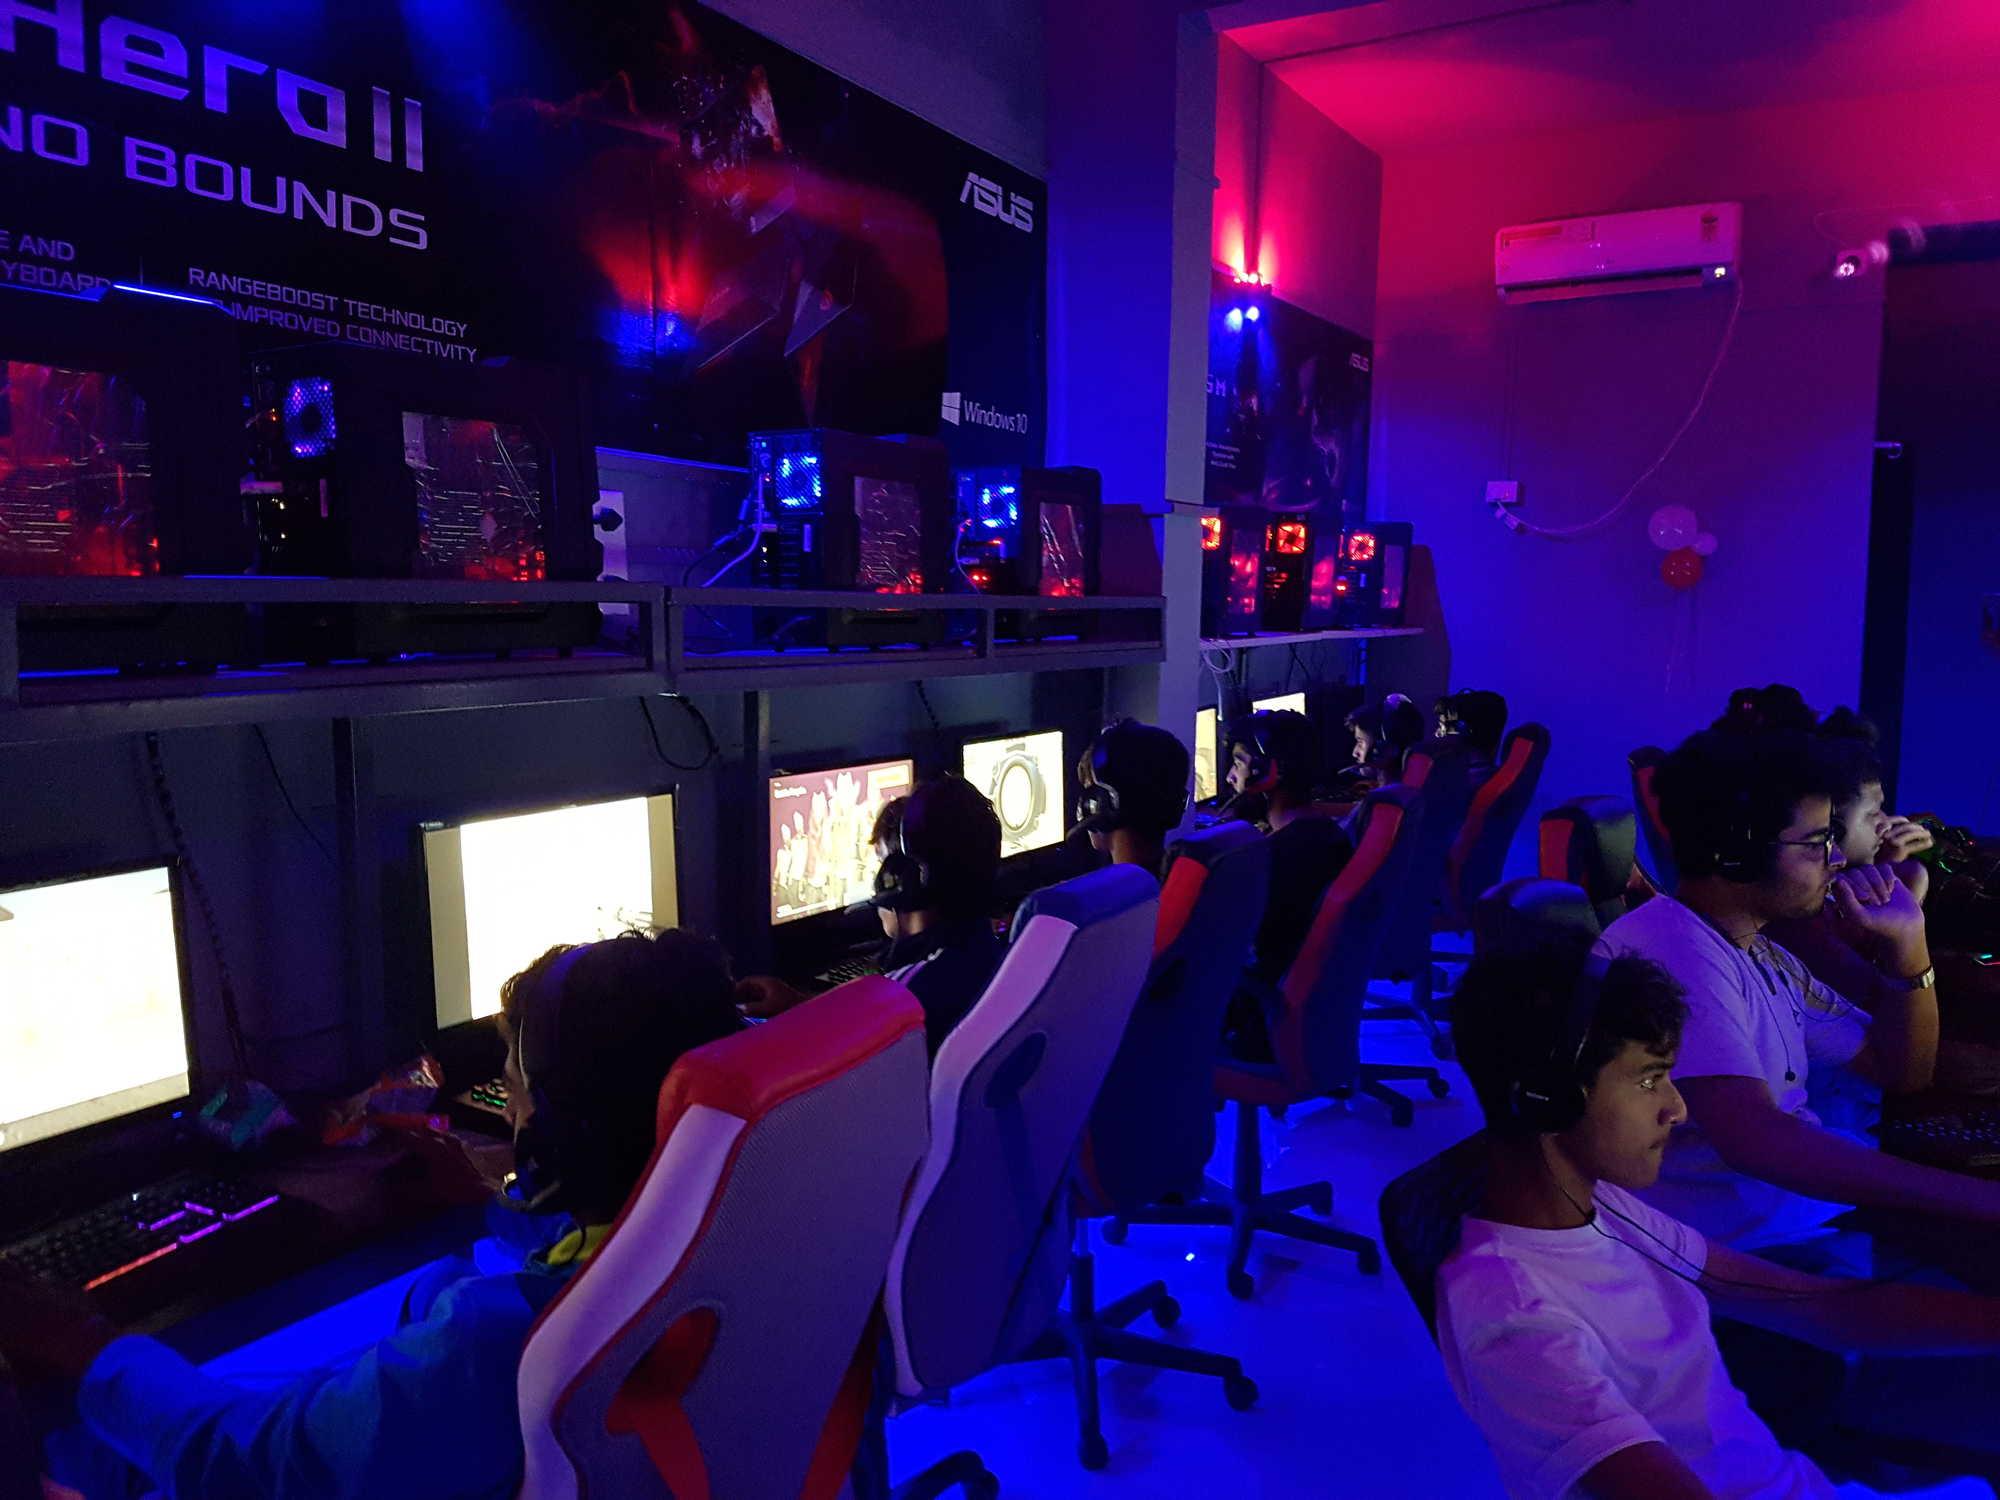 کافه بازی های ویدیویی، ایده ای خلاقانه و پردرآمد